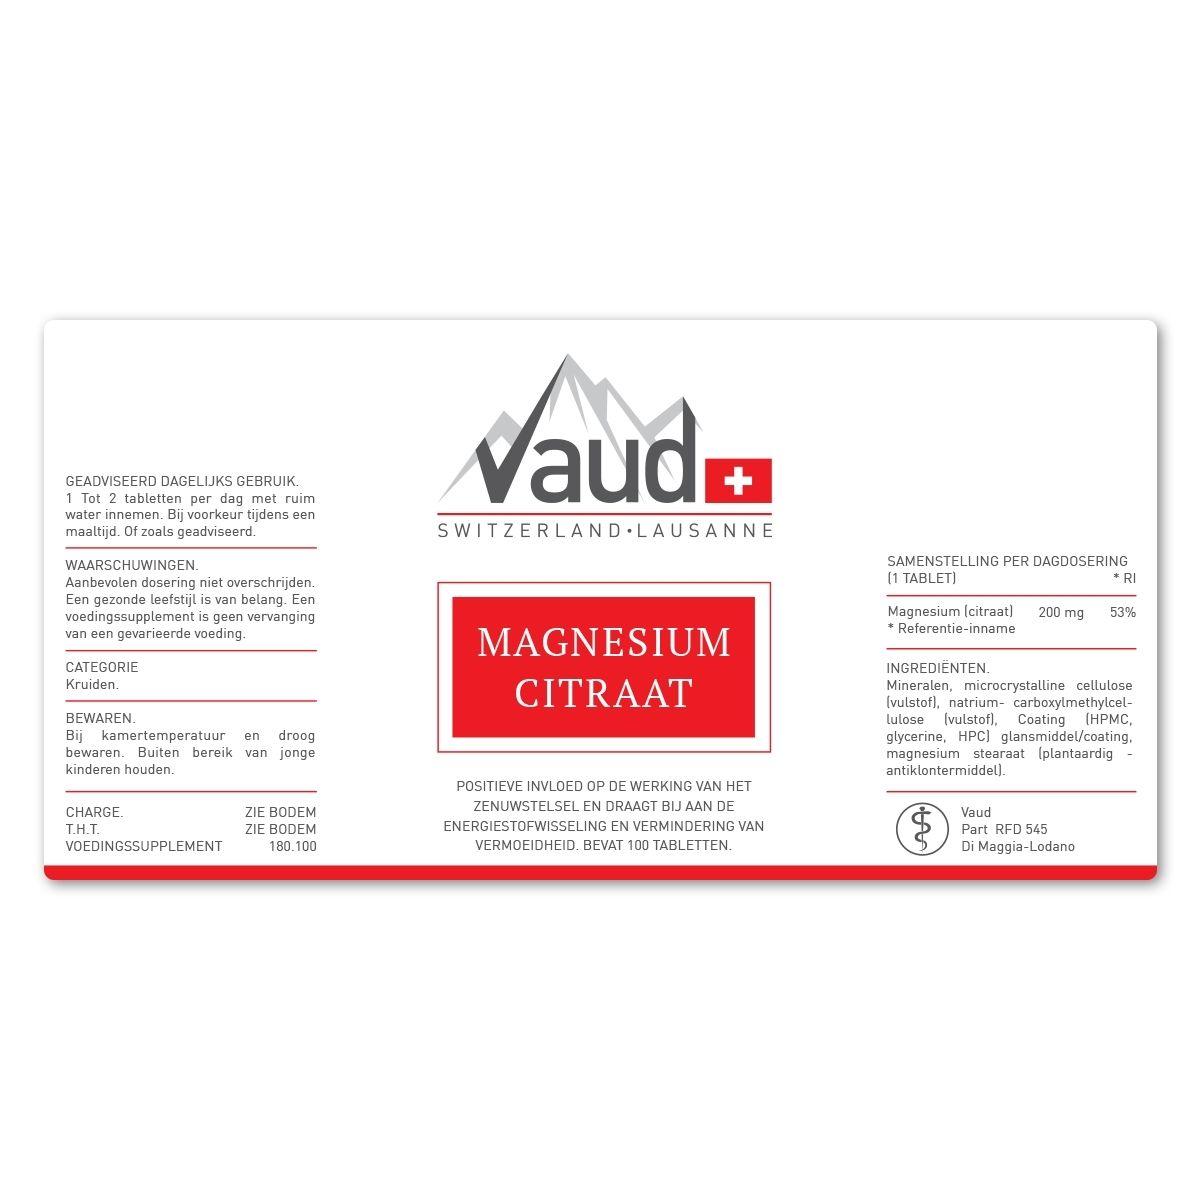 Magnesium Citraat samenstelling